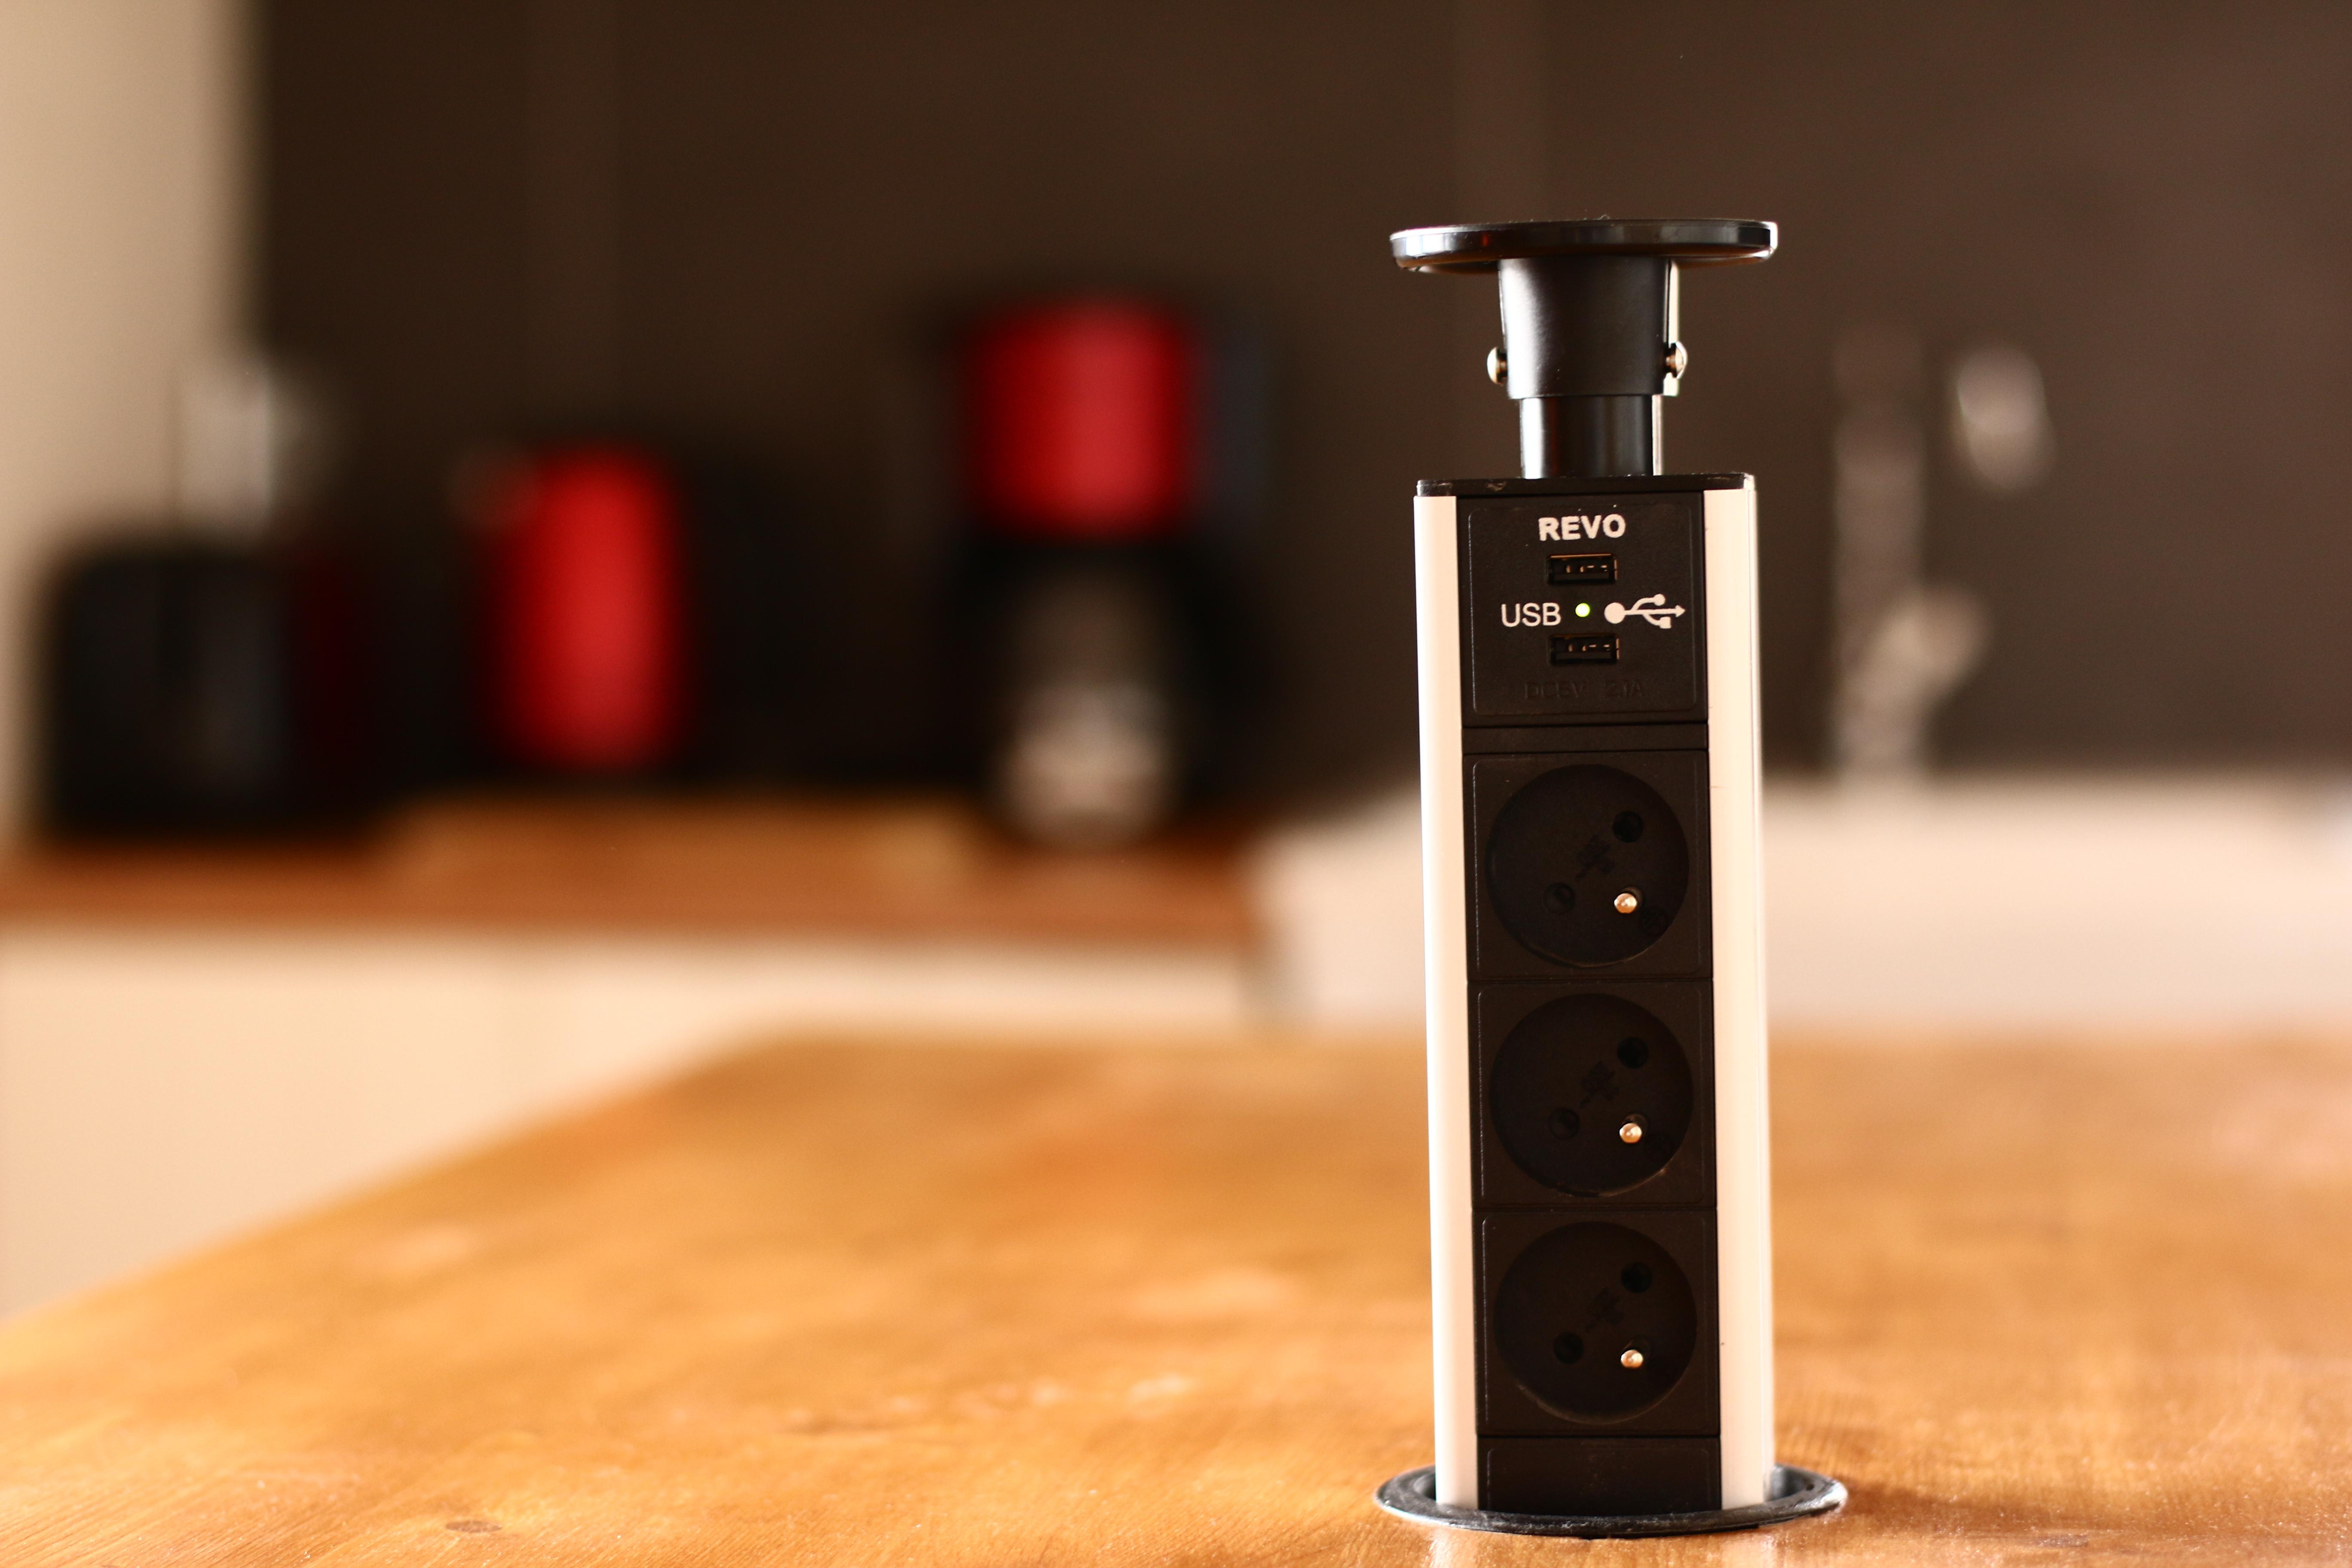 Prises et chargeur USB